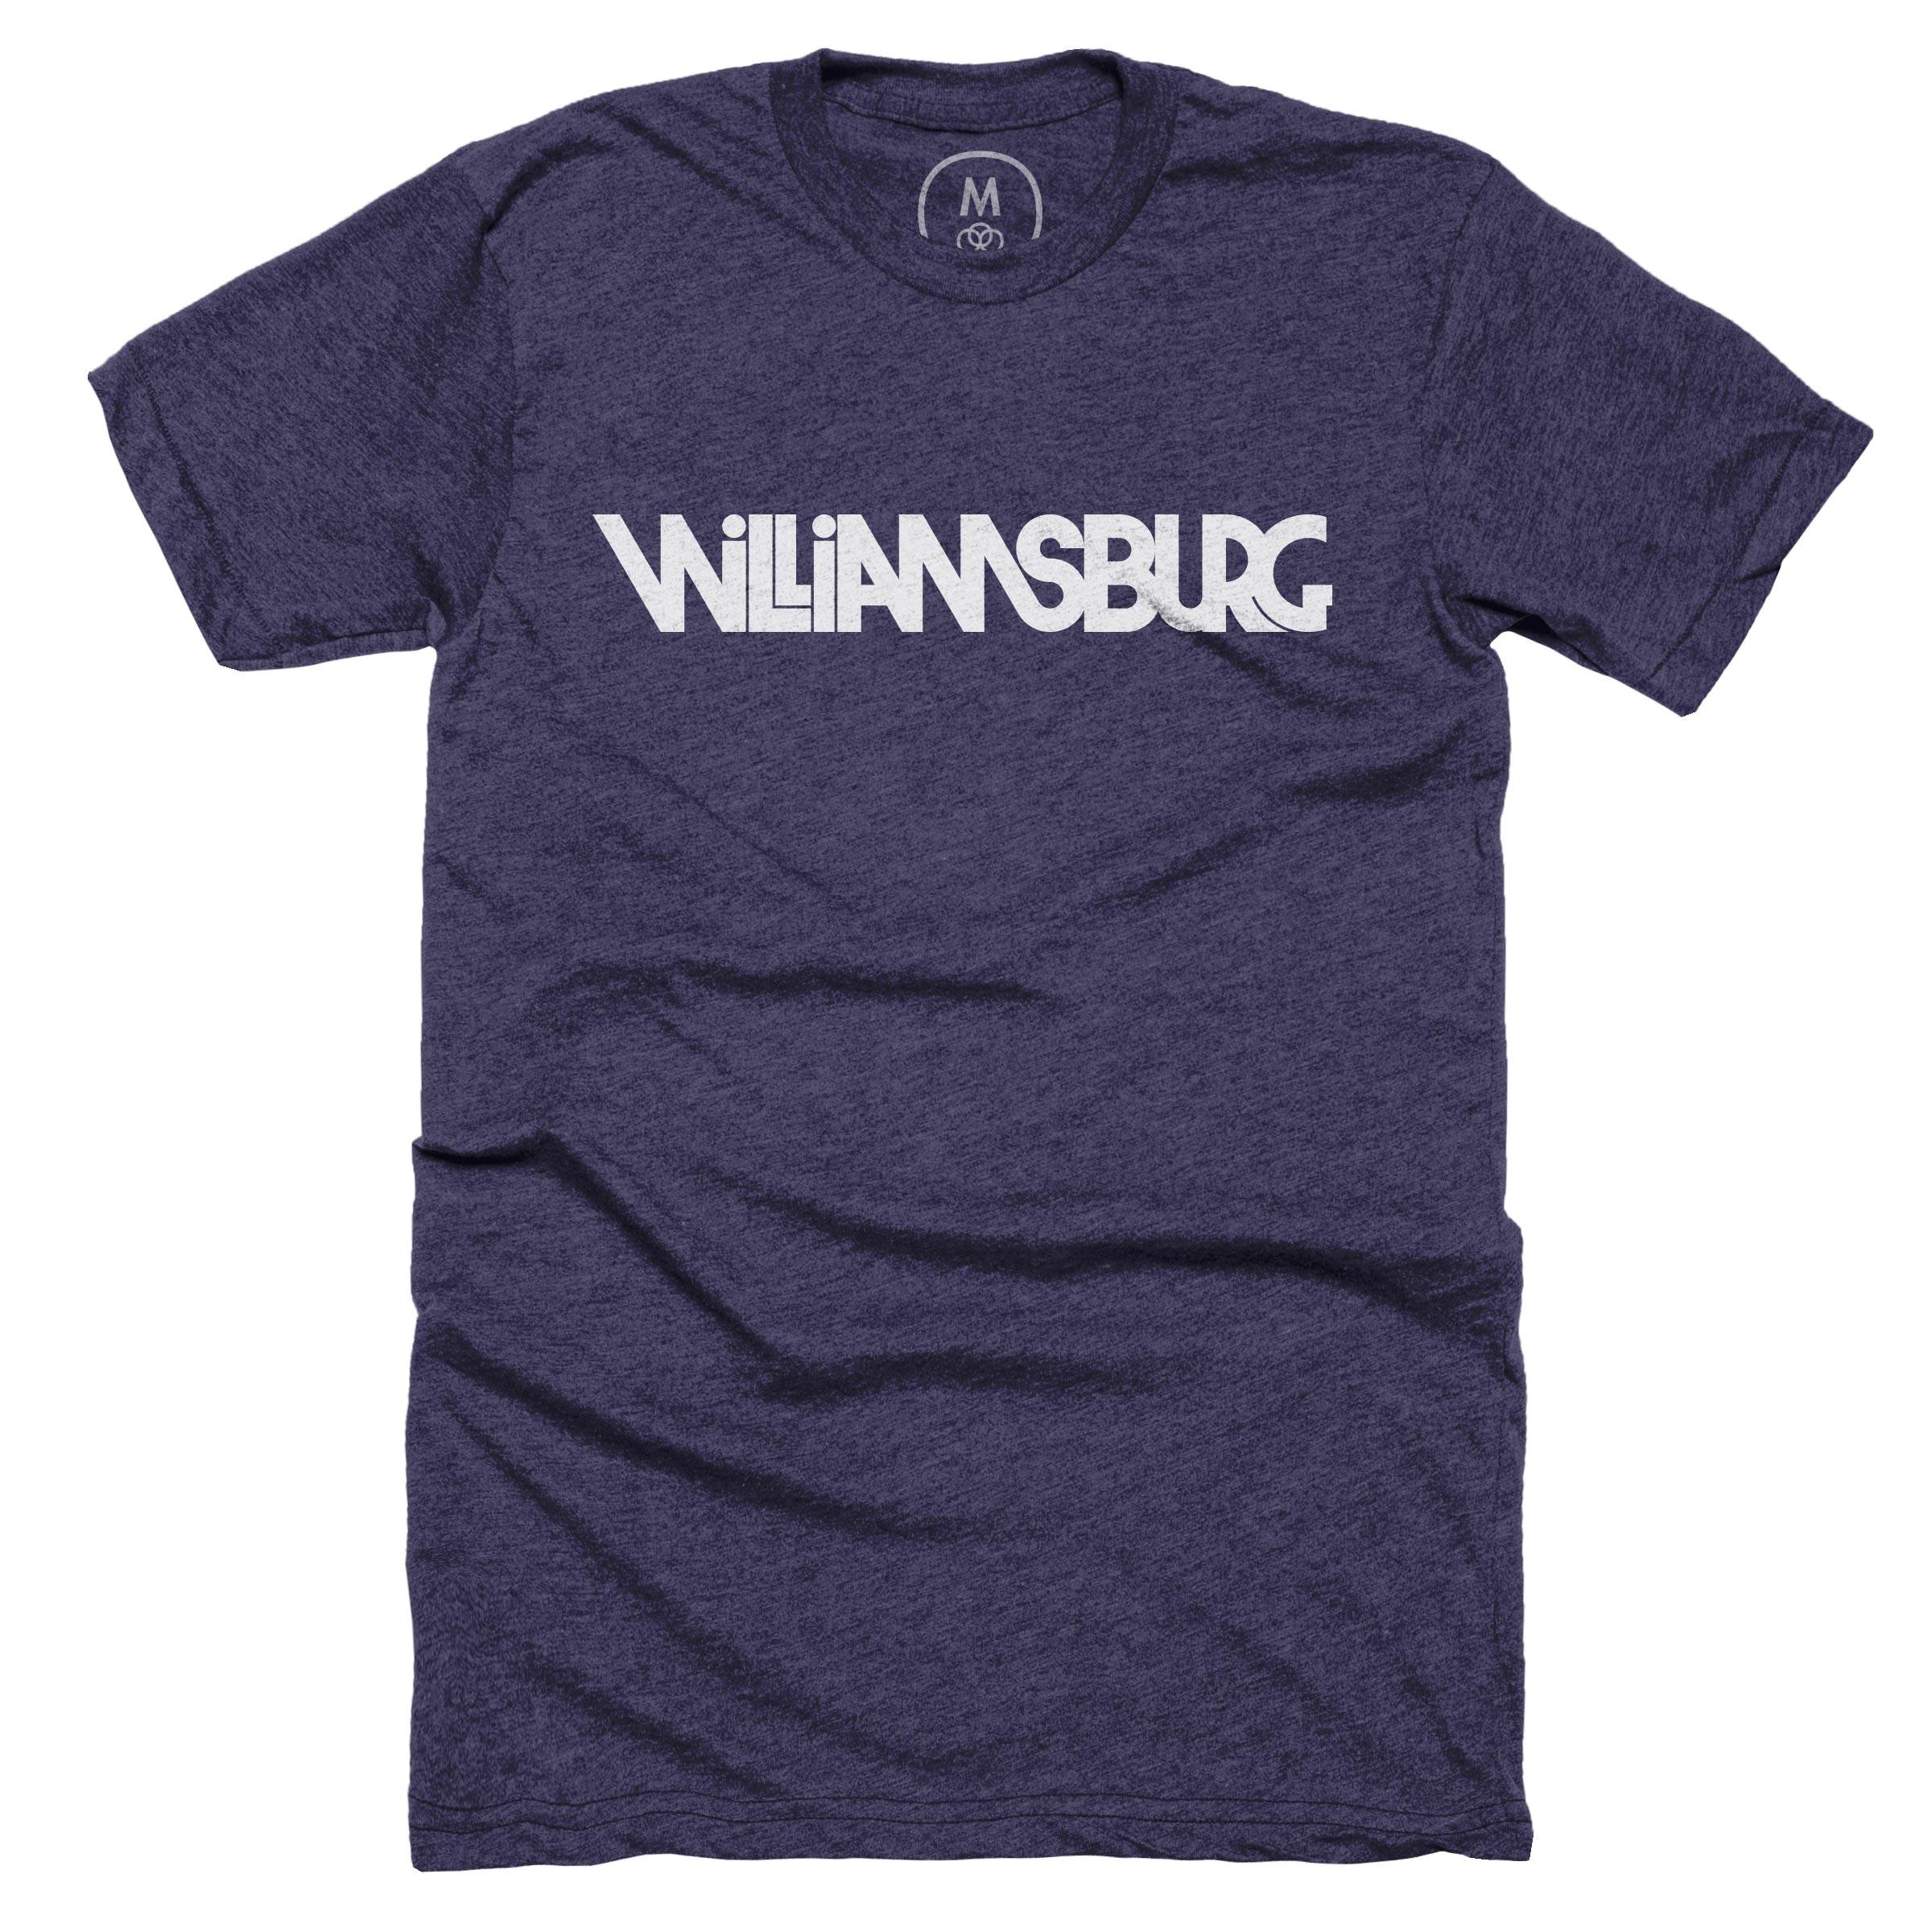 Williamsburg Heather Imperial Purple (Men's)